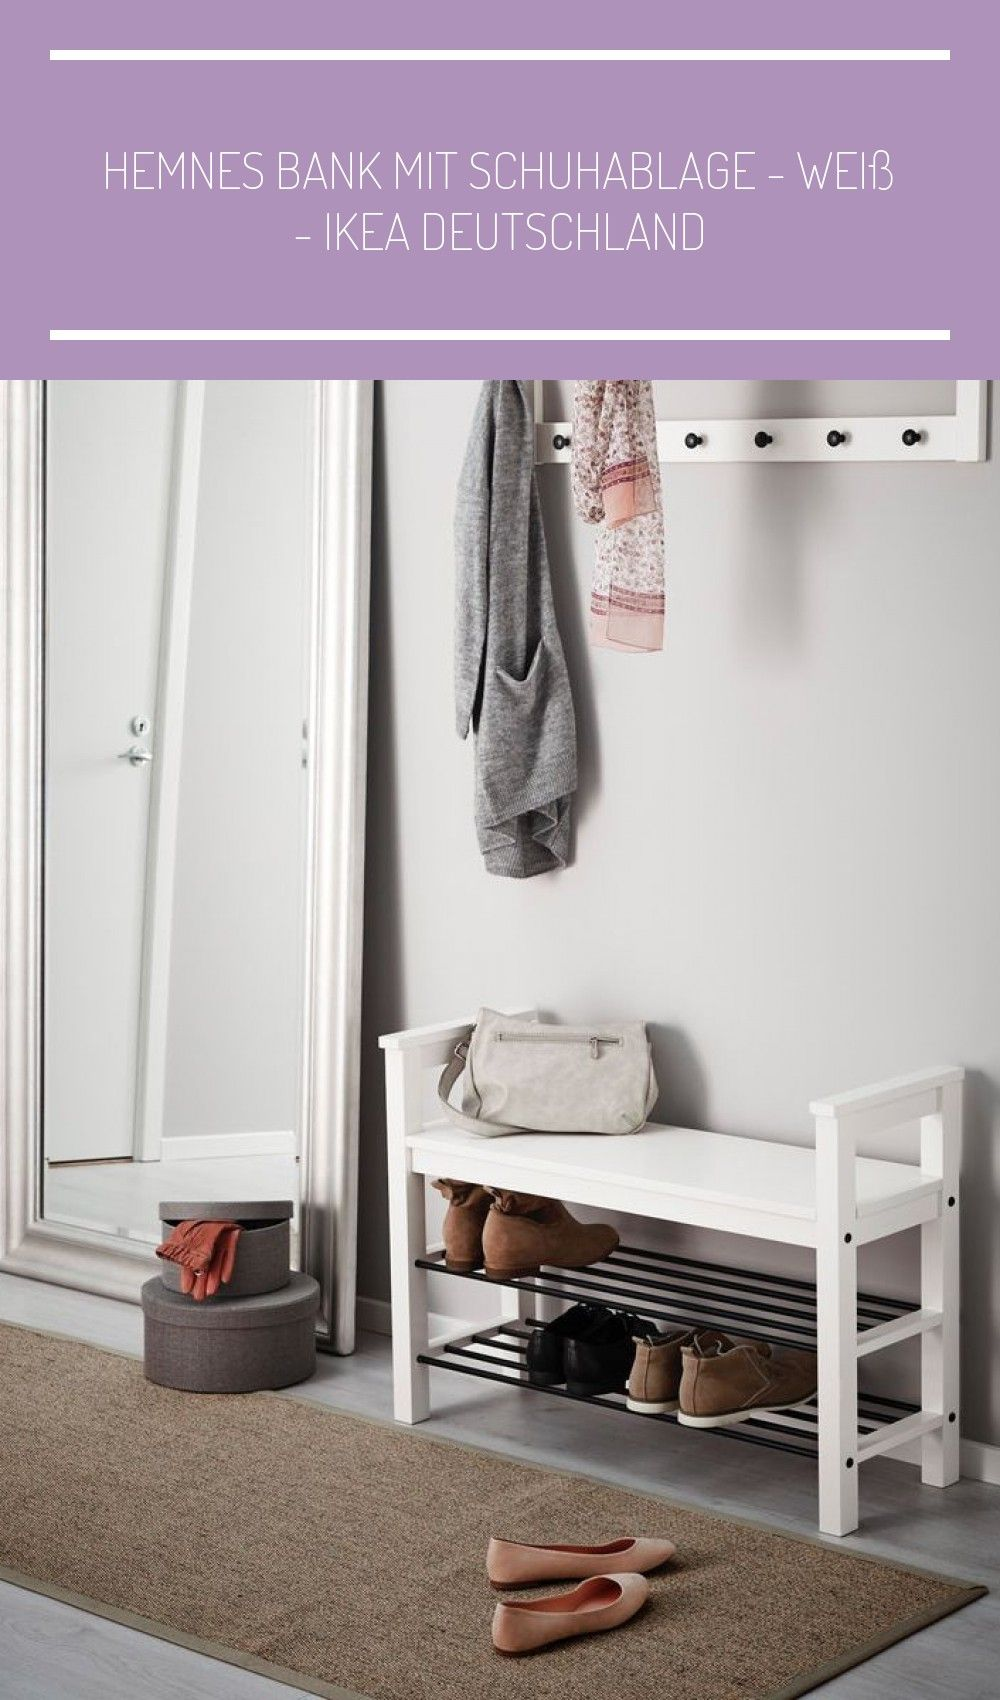 Photo of IKEA Deutschland | Setz dich doch zum Schuheanziehen! Die schlich